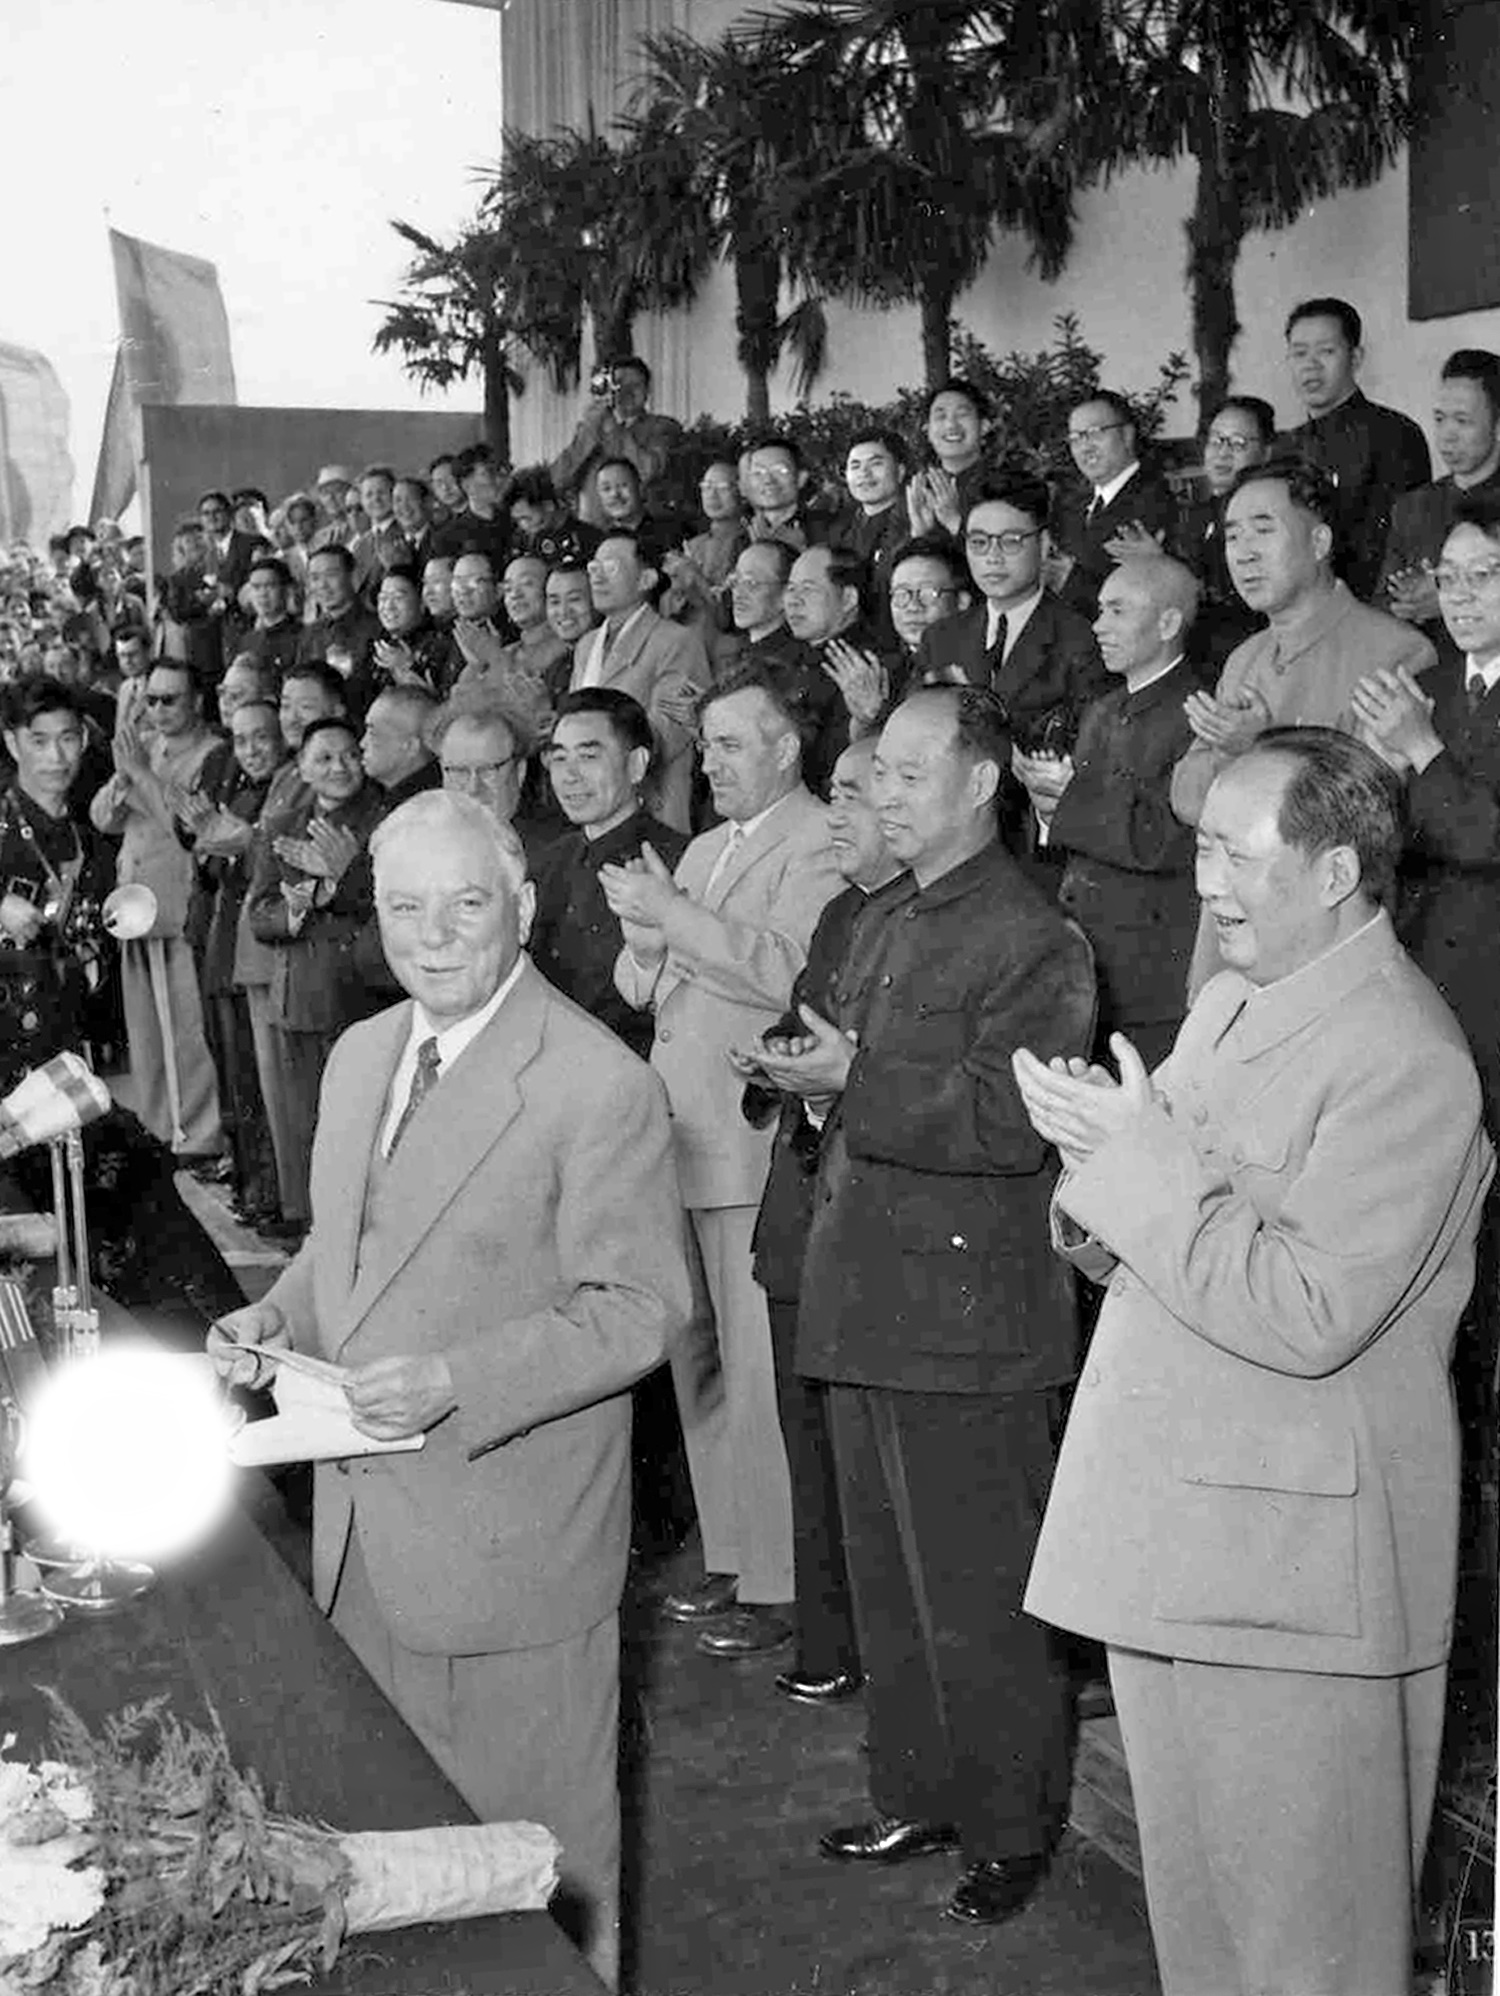 1957年4月18日,陳炳基(後排右6)出席由毛澤東主持的歡迎蘇聯領導人伏羅希洛夫的歡迎會。